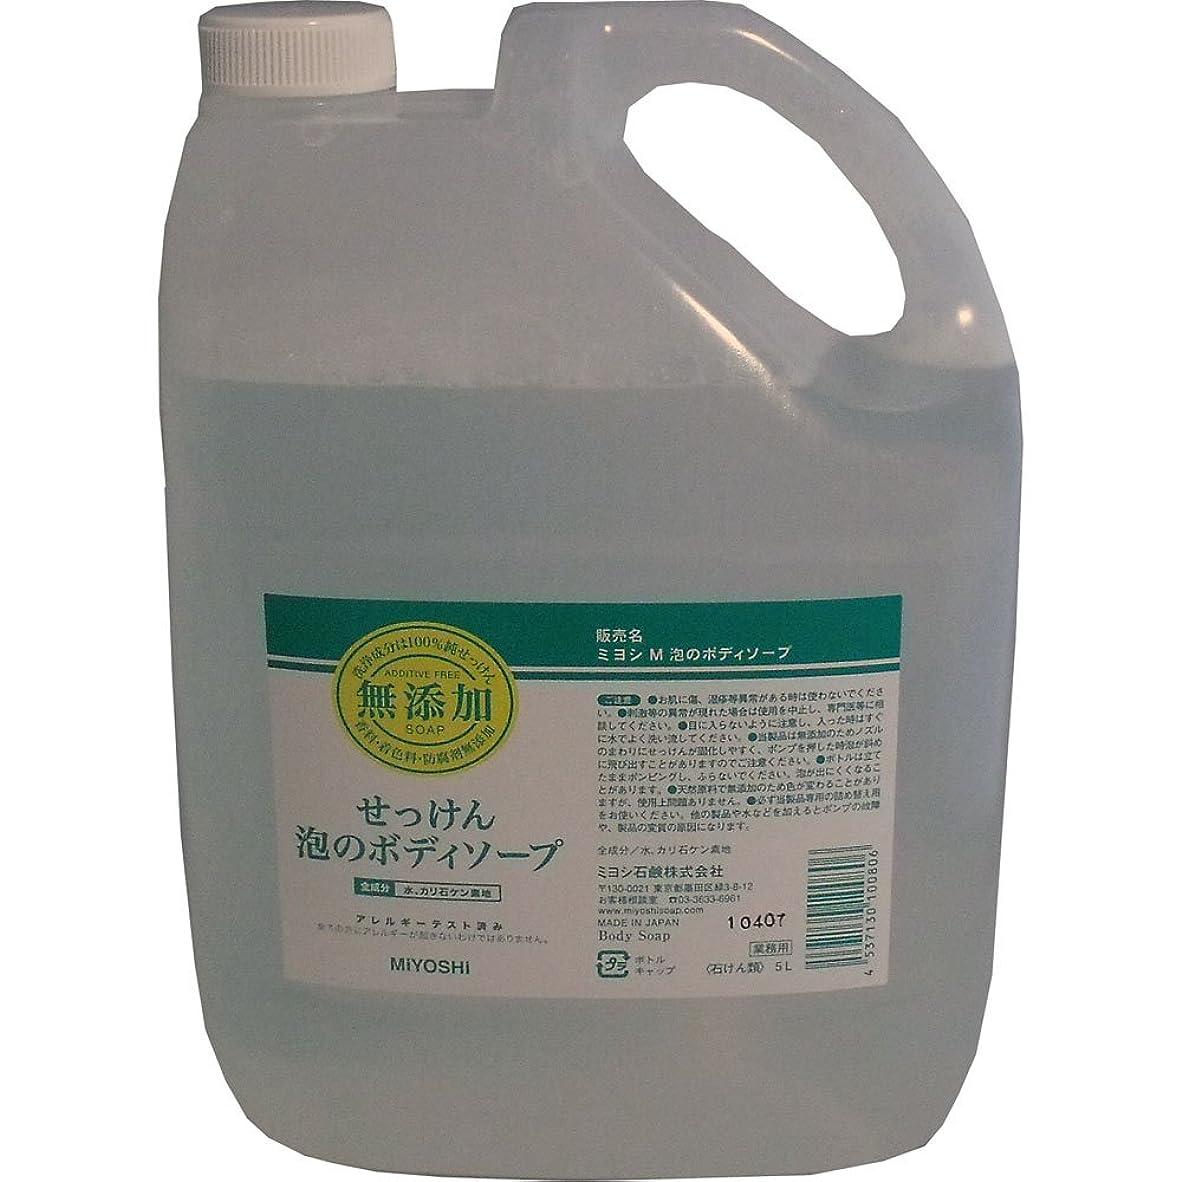 するだろう合意タフ合成界面活性剤はもちろん、香料、防腐剤、着色料などは一切加えていません!無添加せっけん 業務用 泡のボディソープ 詰替用 5L【4個セット】